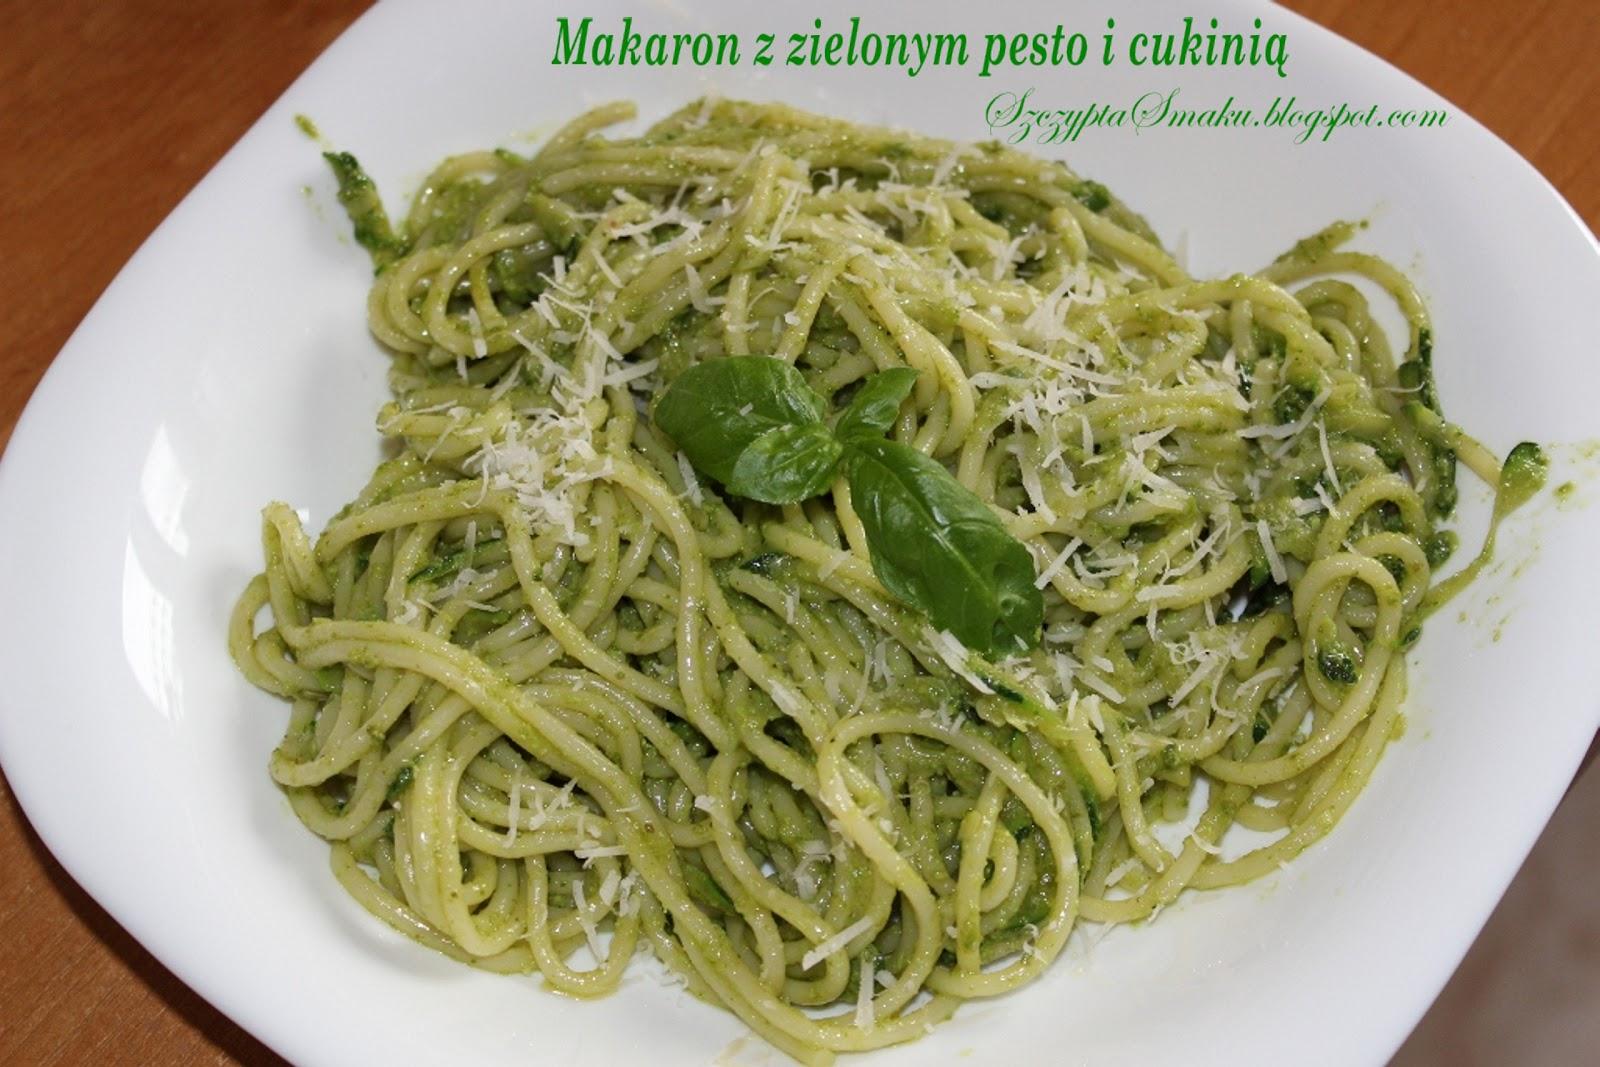 Szczypta Smaku: Makaron z zielonym pesto i cukinią